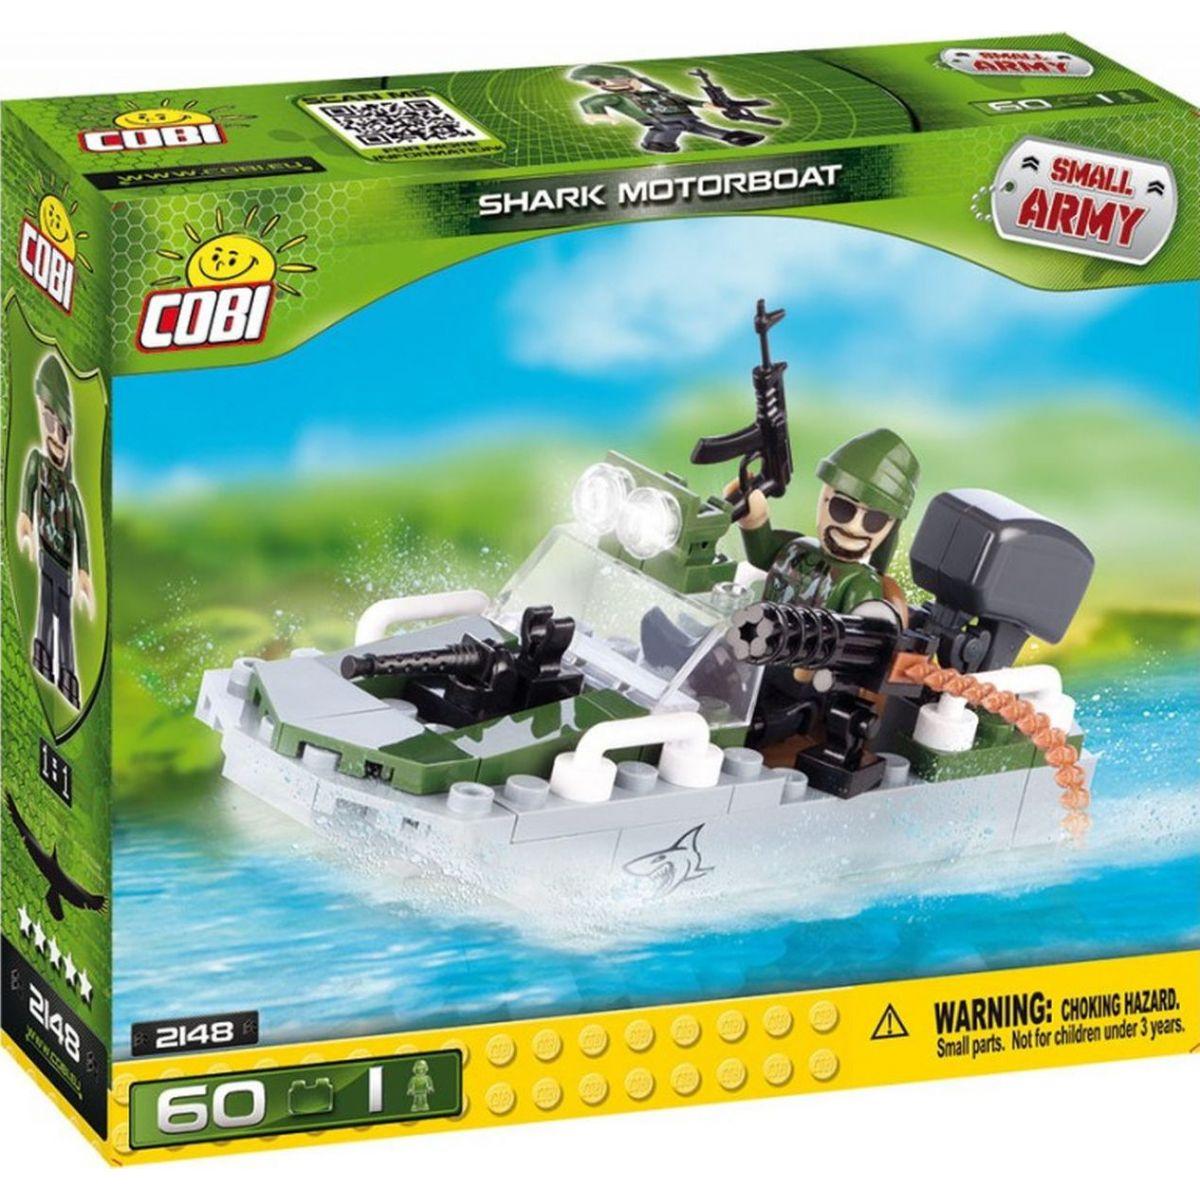 Cobi 2148 Small Army Motorový člun Shark